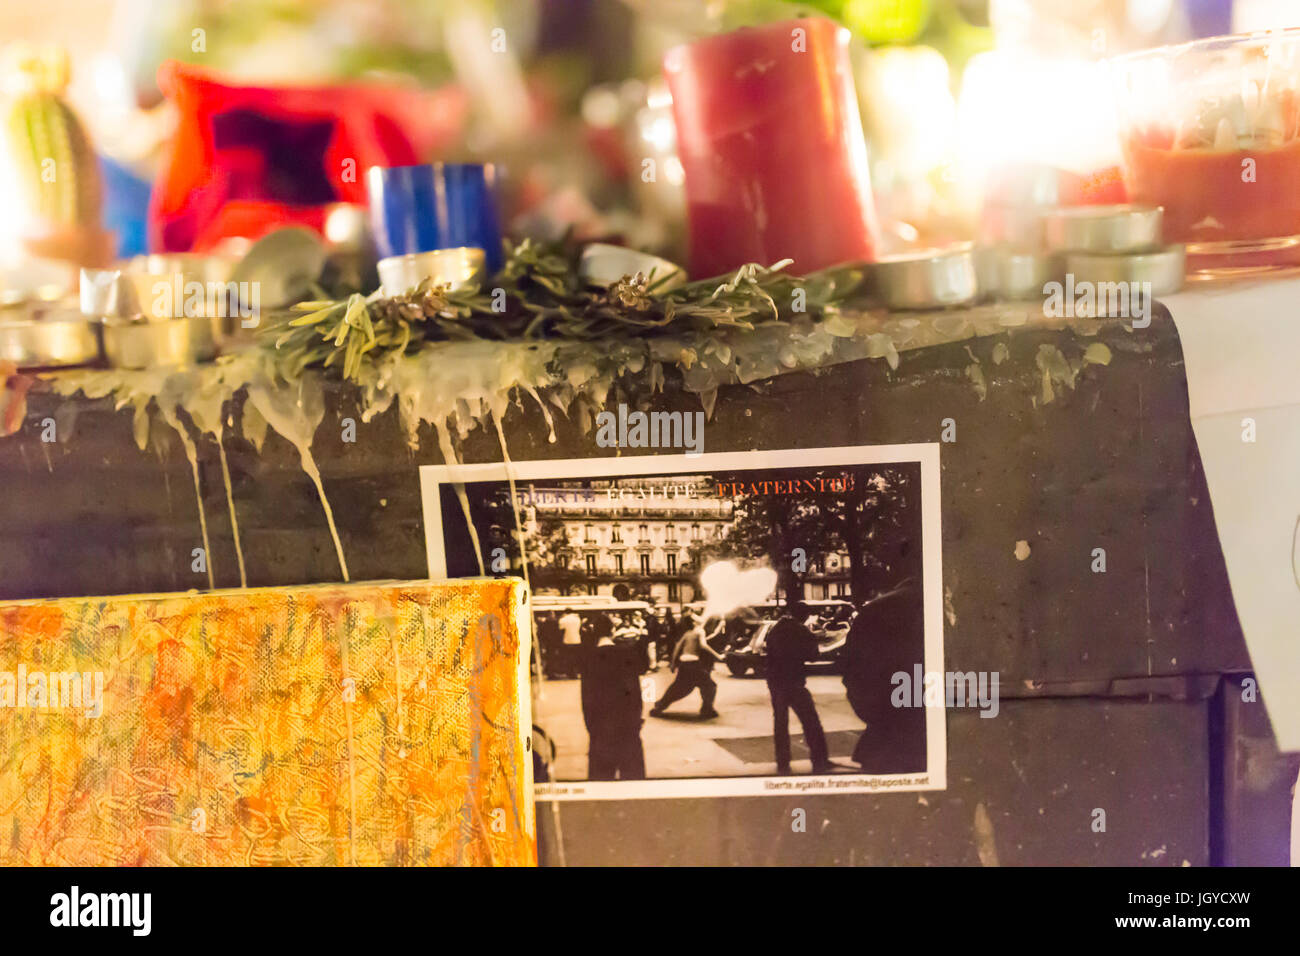 Devise française sur une carte postale. Hommage spontané à des victimes des attaques terroristes Photo Stock